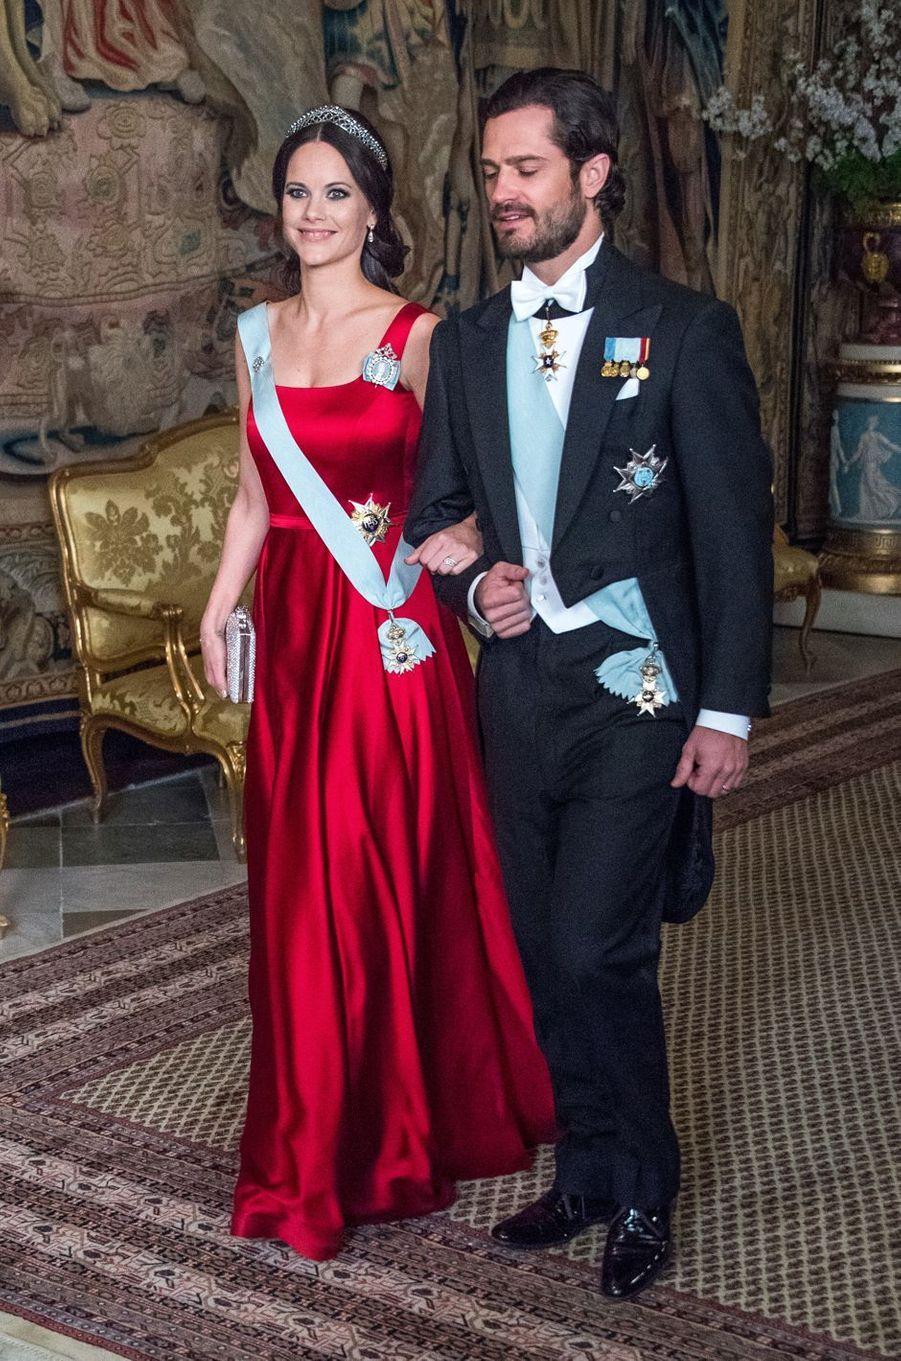 La princesse Sofia, enceinte de son deuxième enfant, et le prince Carl Philip de Suède au Palais royal à Stockholm, le 23 mars 2017